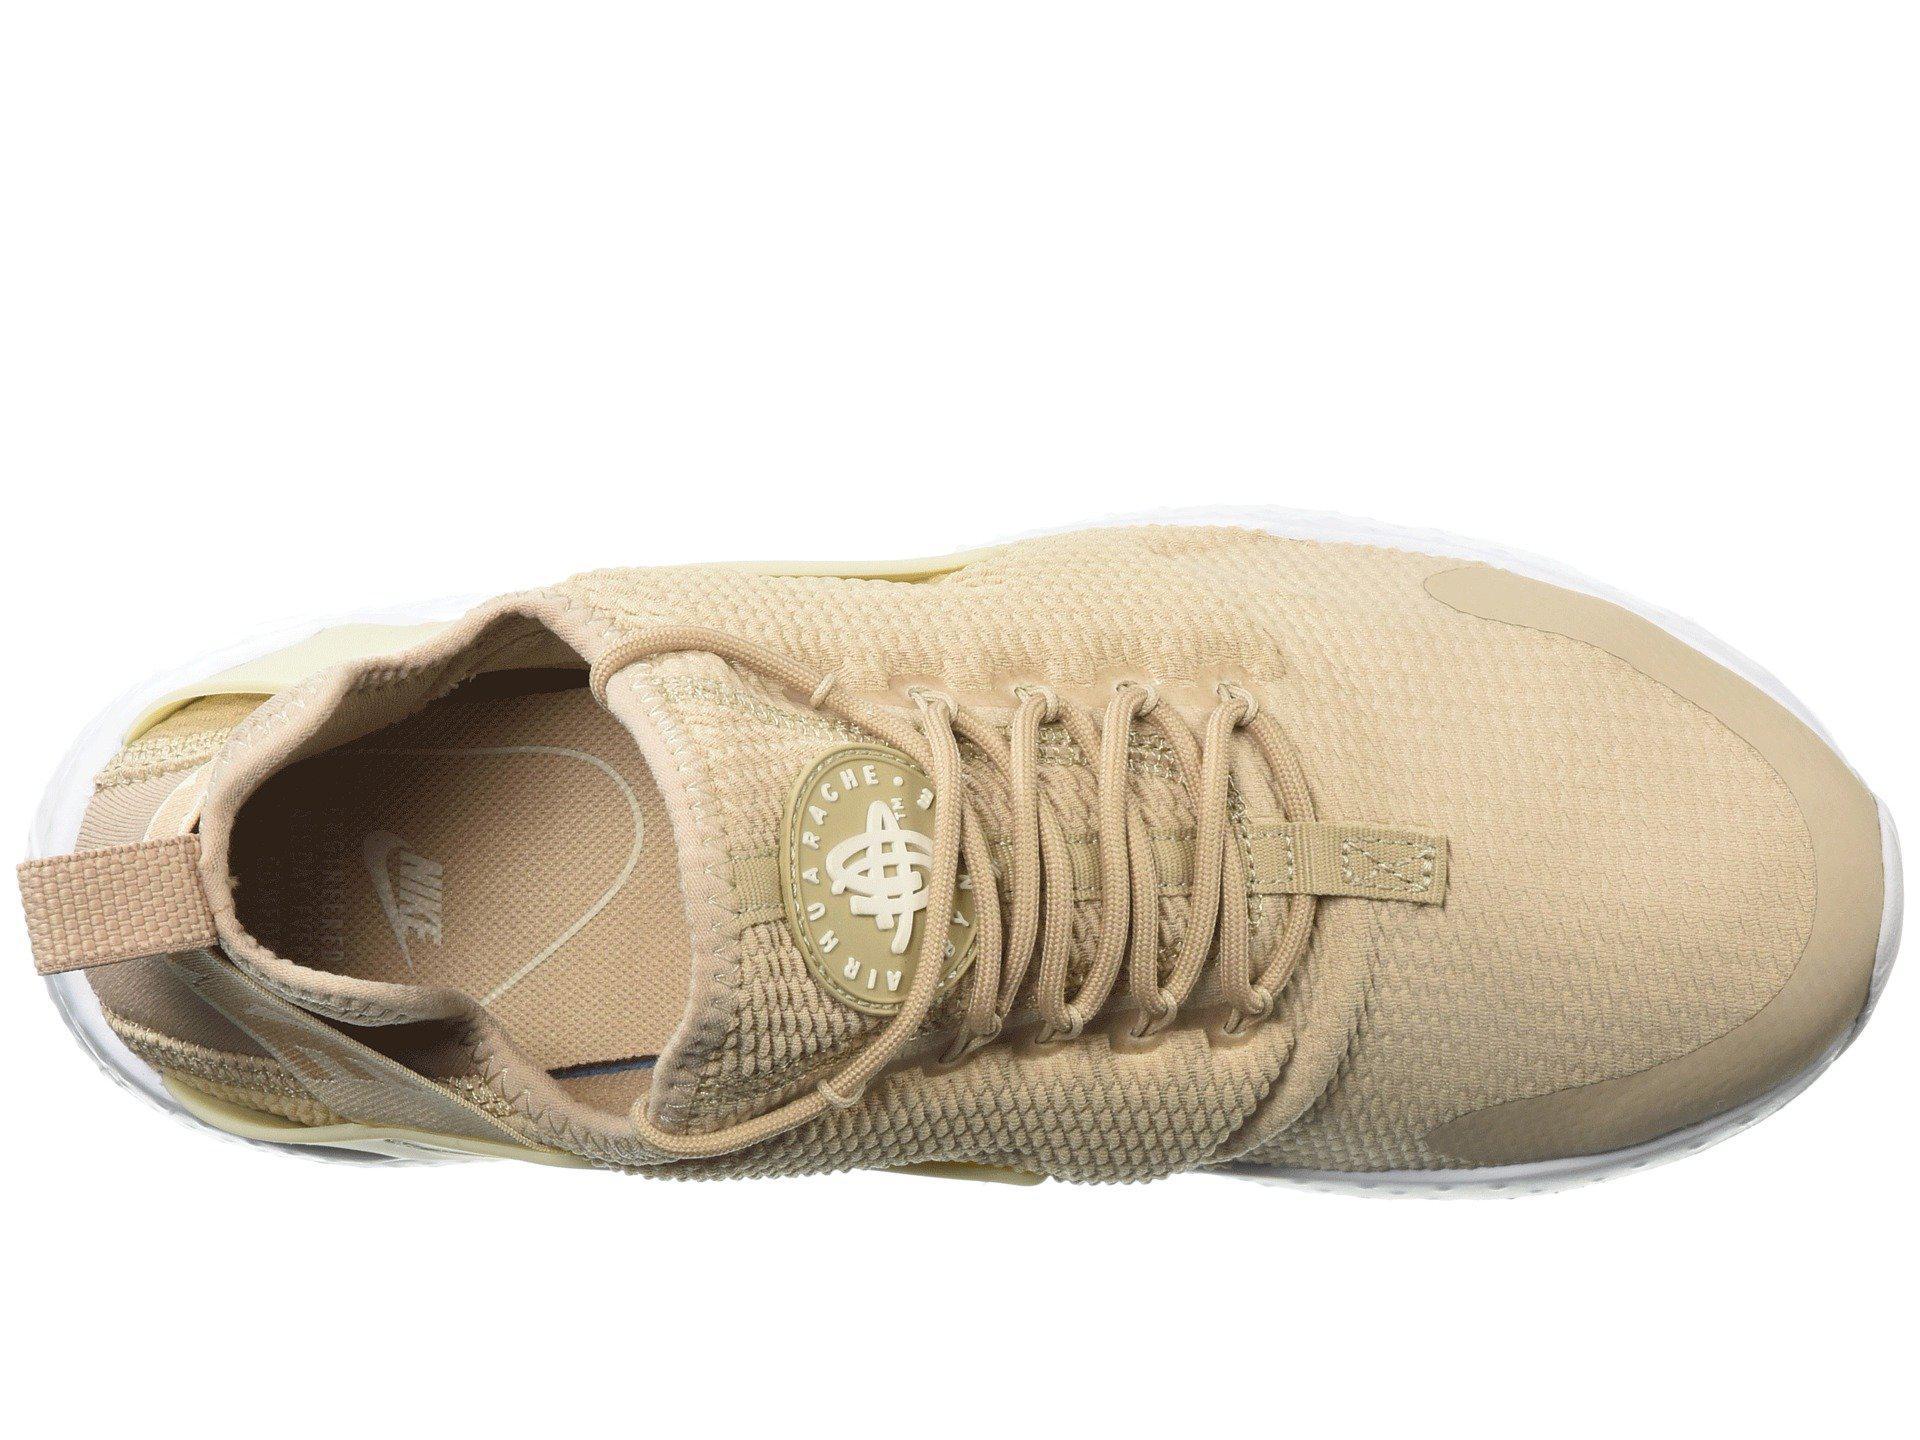 Nike Rubber Air Huarache Run Sd Sneaker